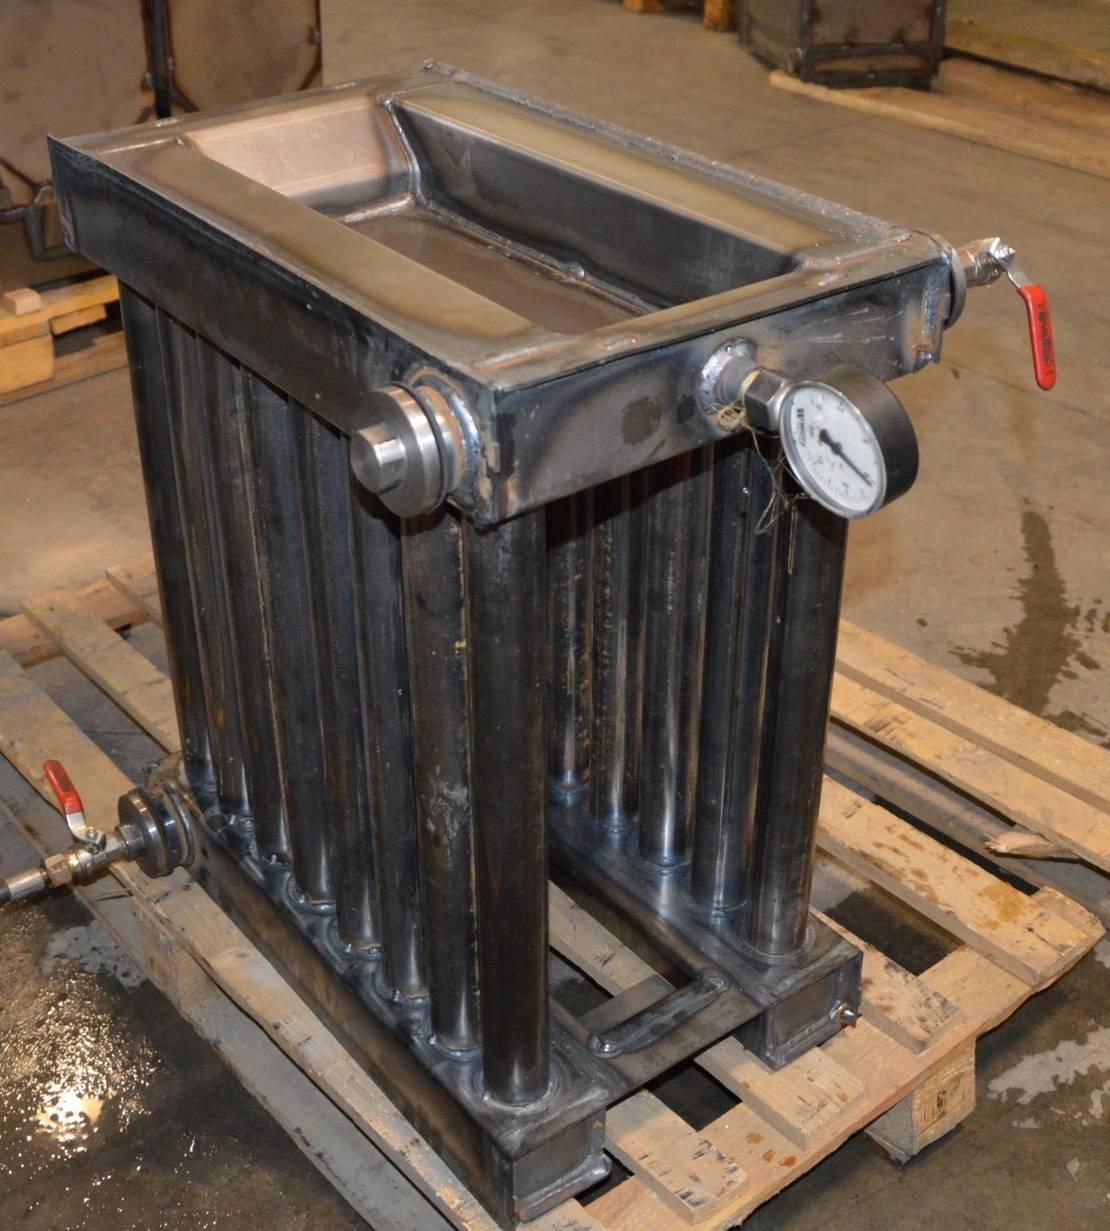 Теплообменник для банной печи на дровах: особенности установки на дымоход дровяного устройства, картинки приборов